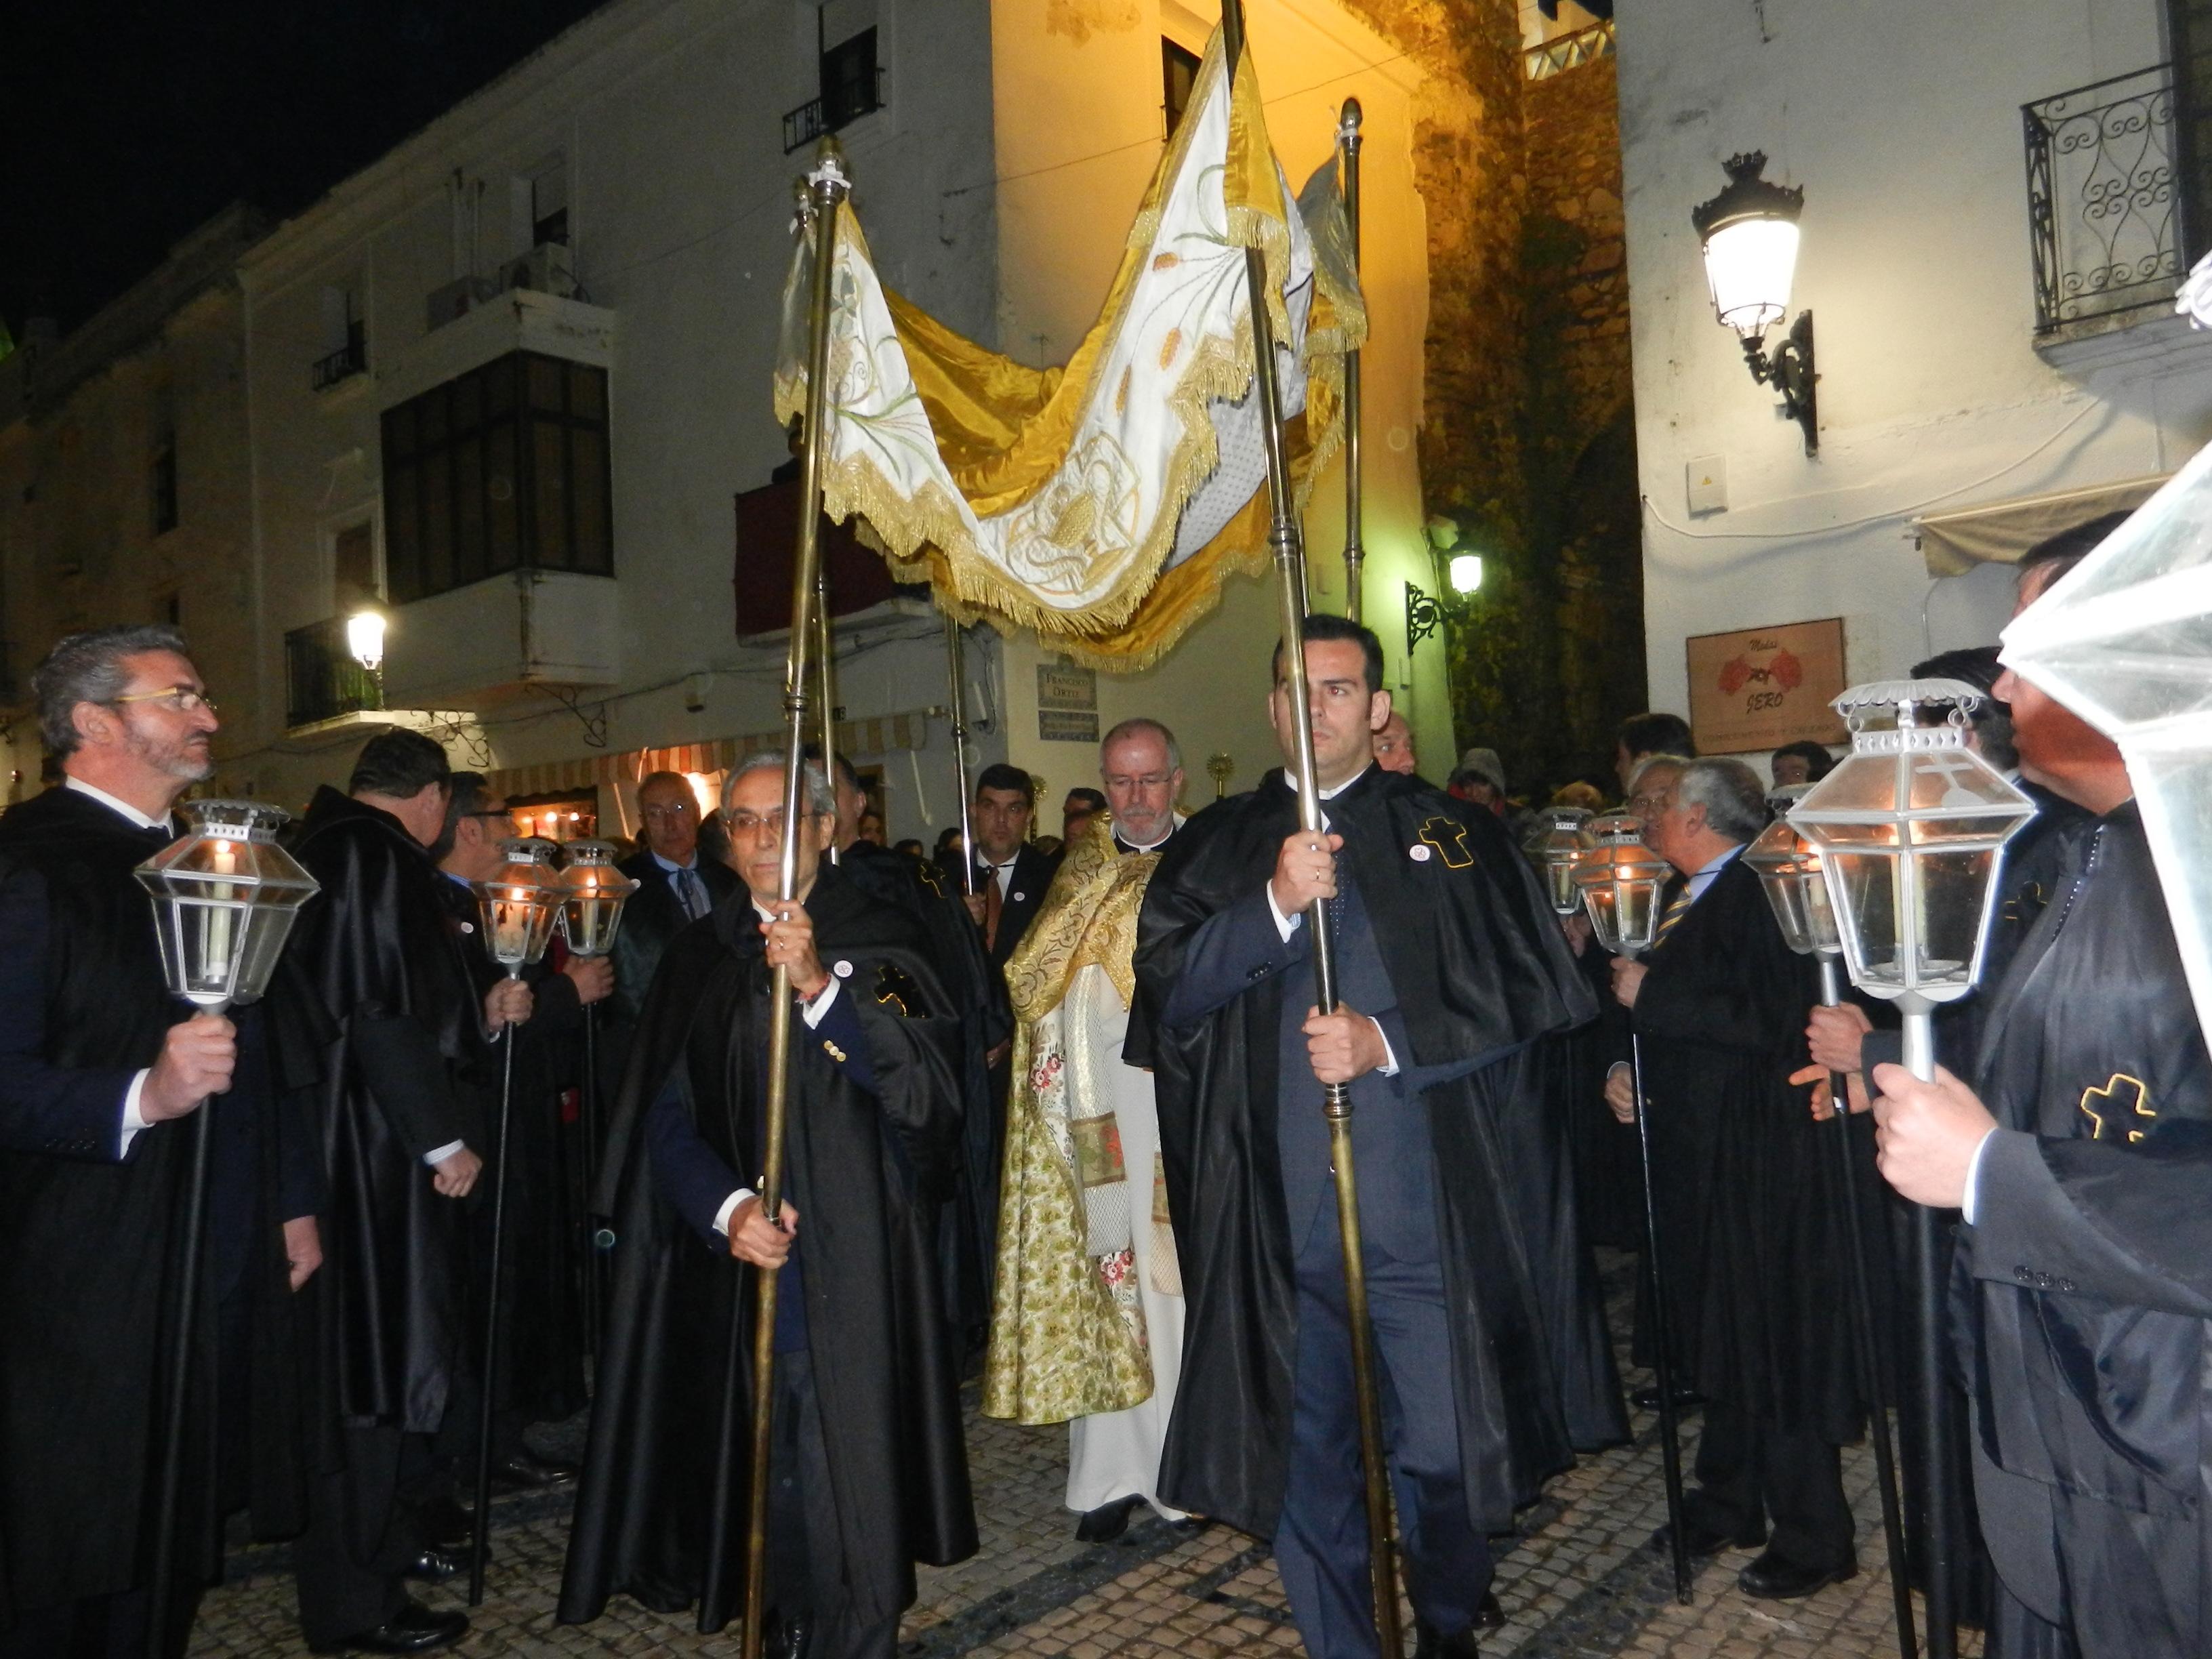 Los Hermanos llegan a la capilla tras la Eucaristía